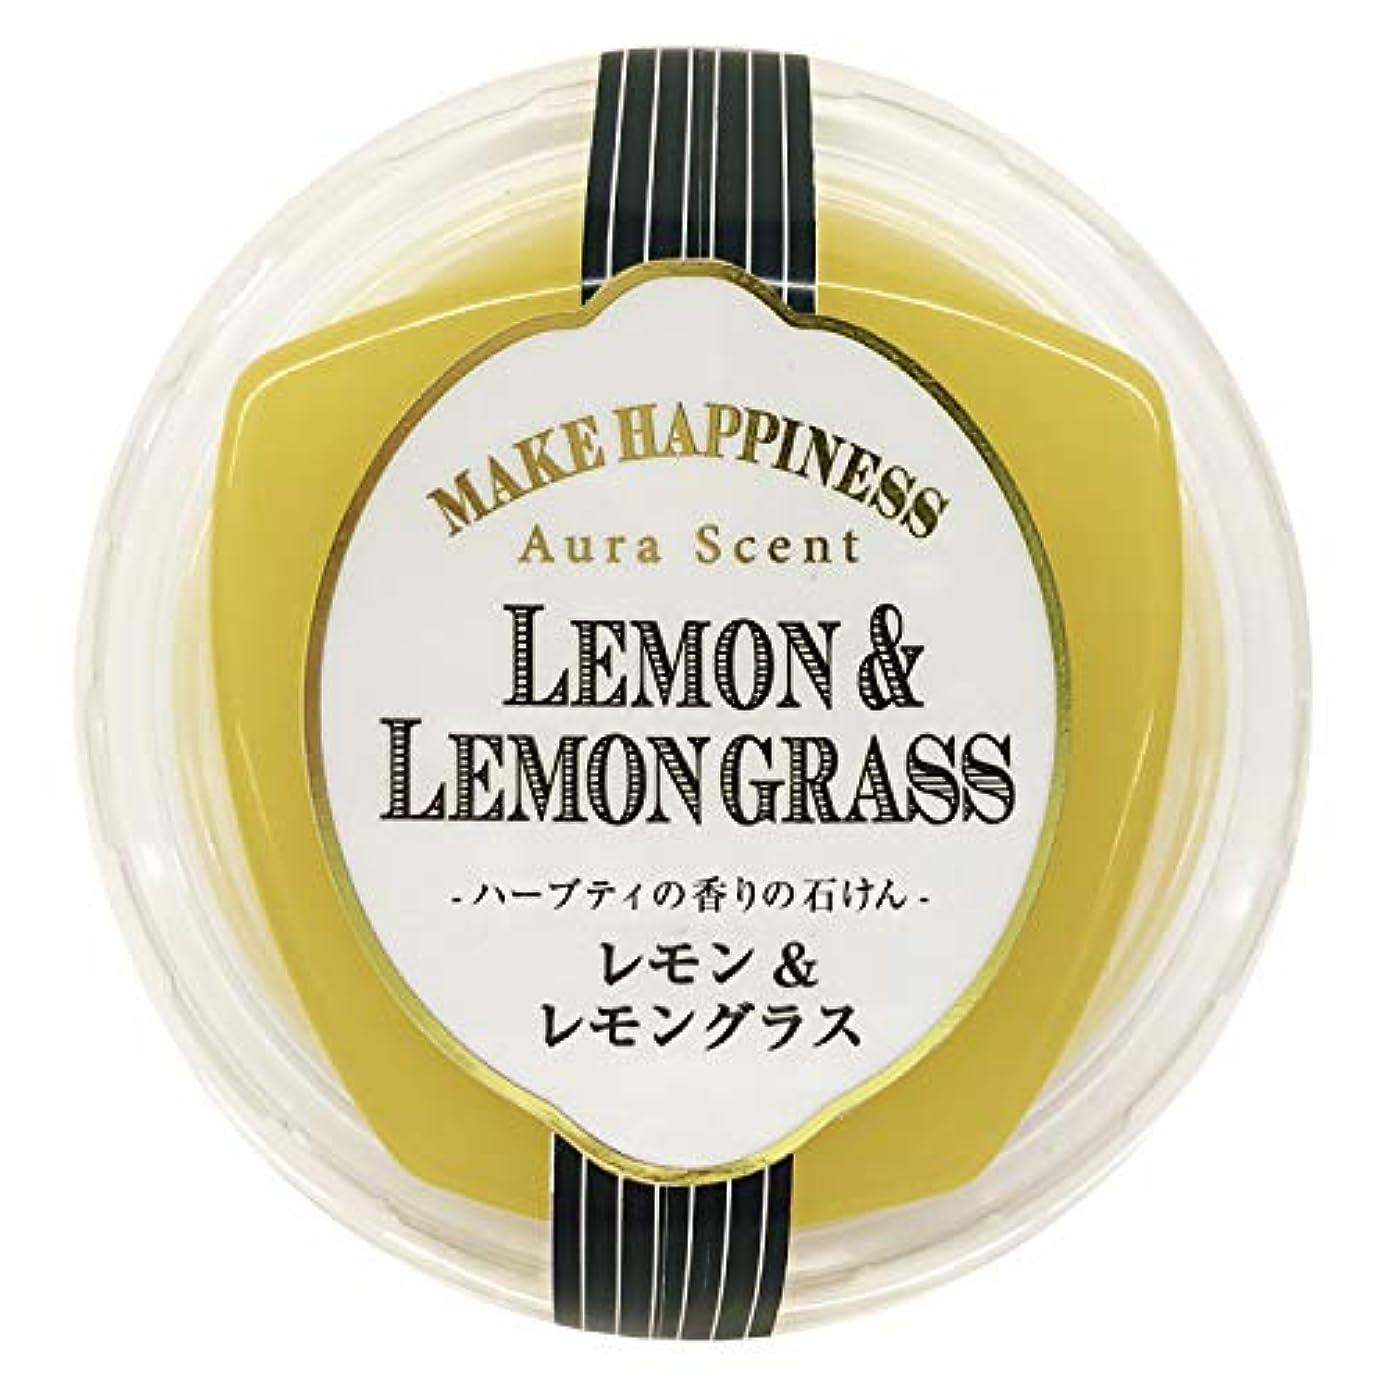 会う記録卑しいペリカン石鹸 オーラセント クリアソープ レモン&レモングラス 75g